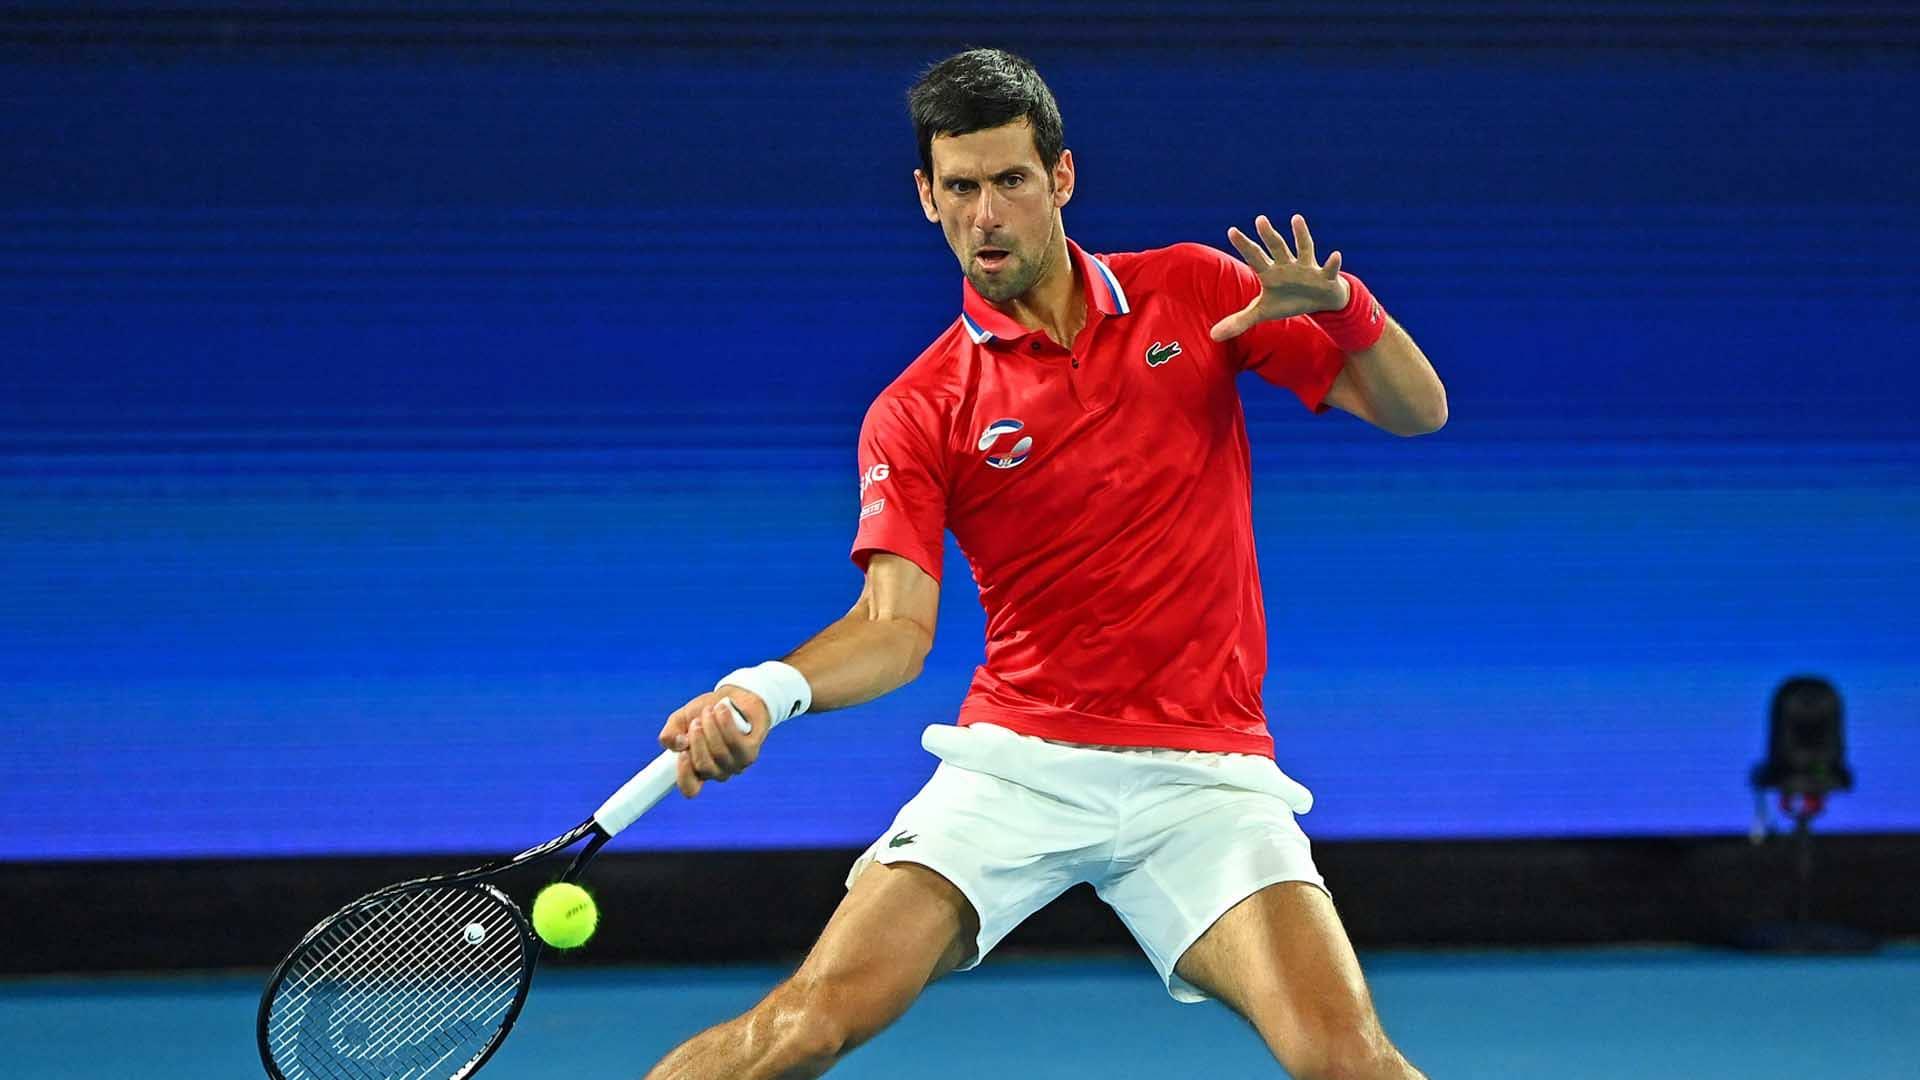 Djokovic tiếp tục thắng trận đơn nhưng các đồng đội của anh lại chơi dưới sức và bị Đức vượt qua tại bảng A. Ảnh: ATP.